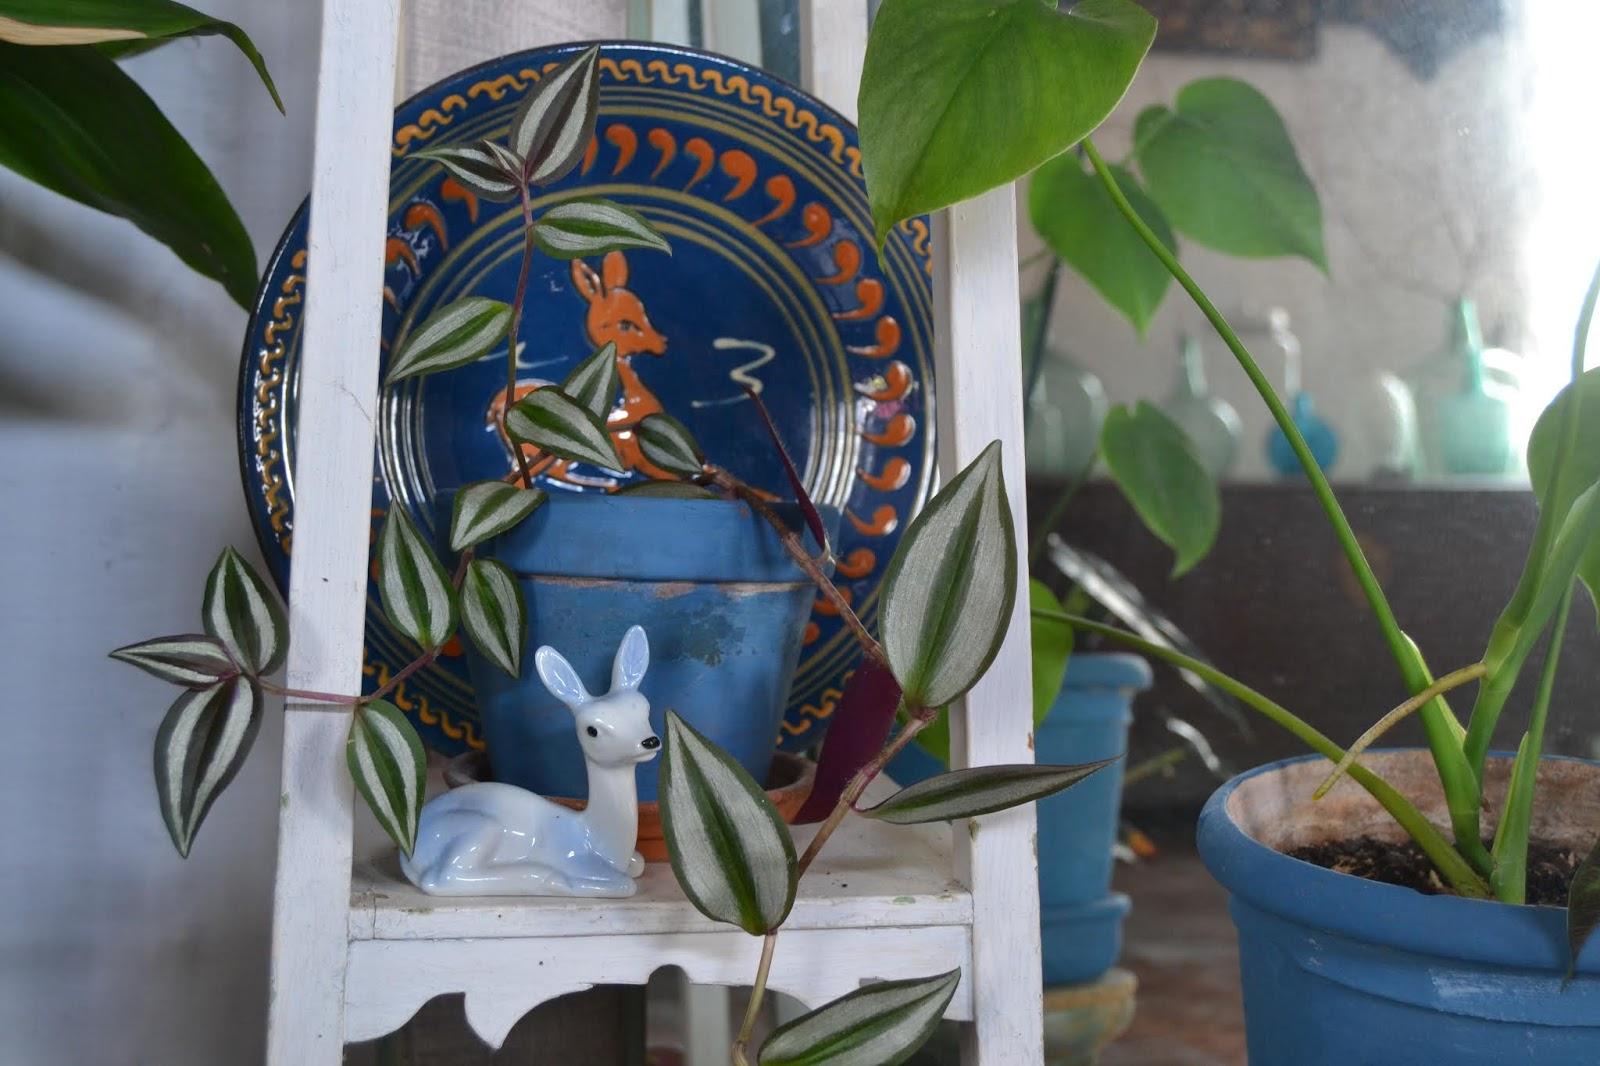 ¿Por qué no debes tener miedo a decorar con antigüedades? 20 Razones y donde conseguirlas.